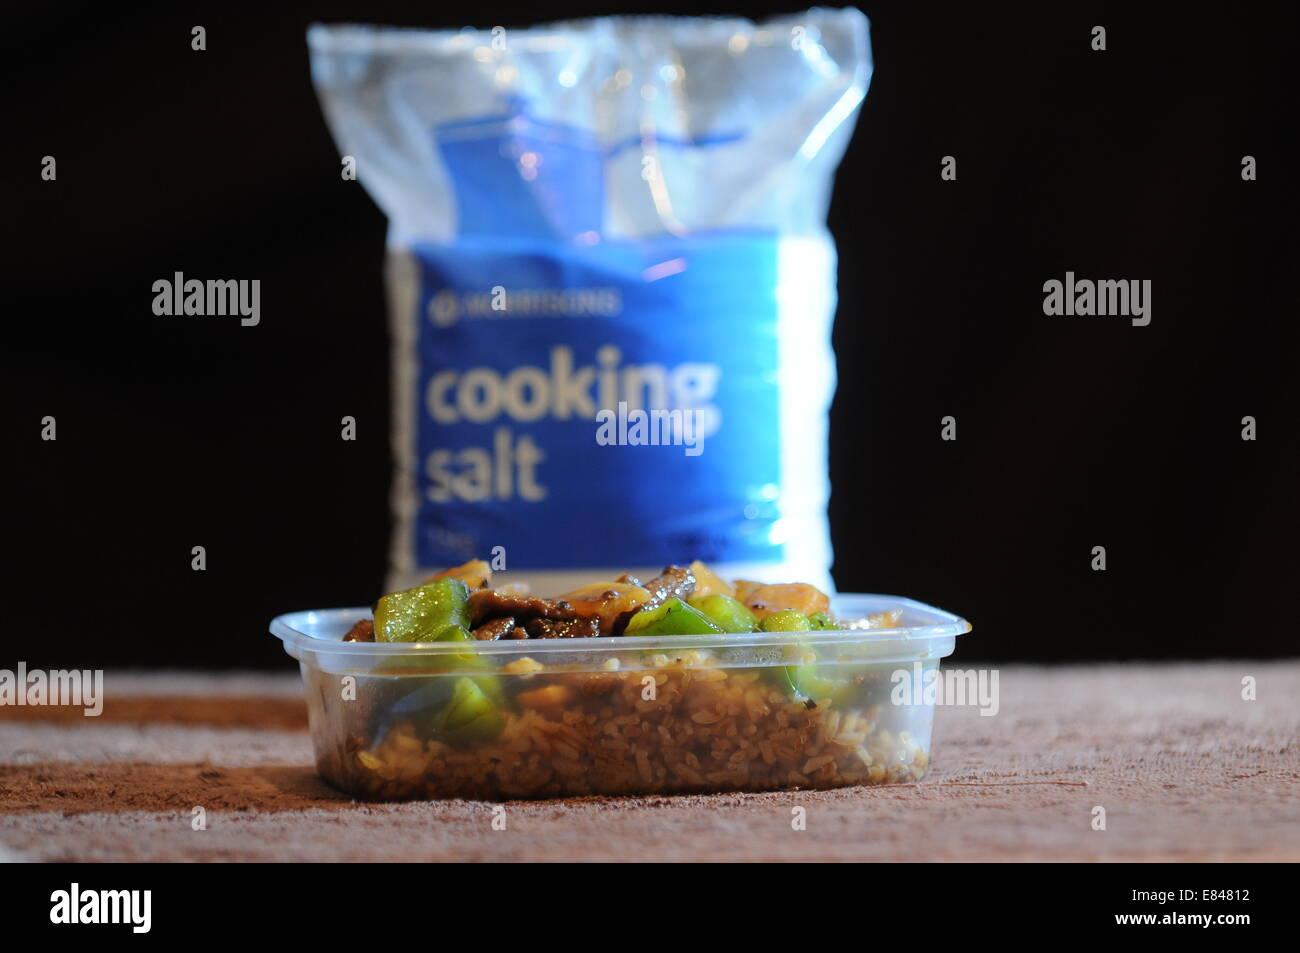 La nourriture à emporter avec un sac de sel de table derrière. Des niveaux élevés de sel dans Photo Stock